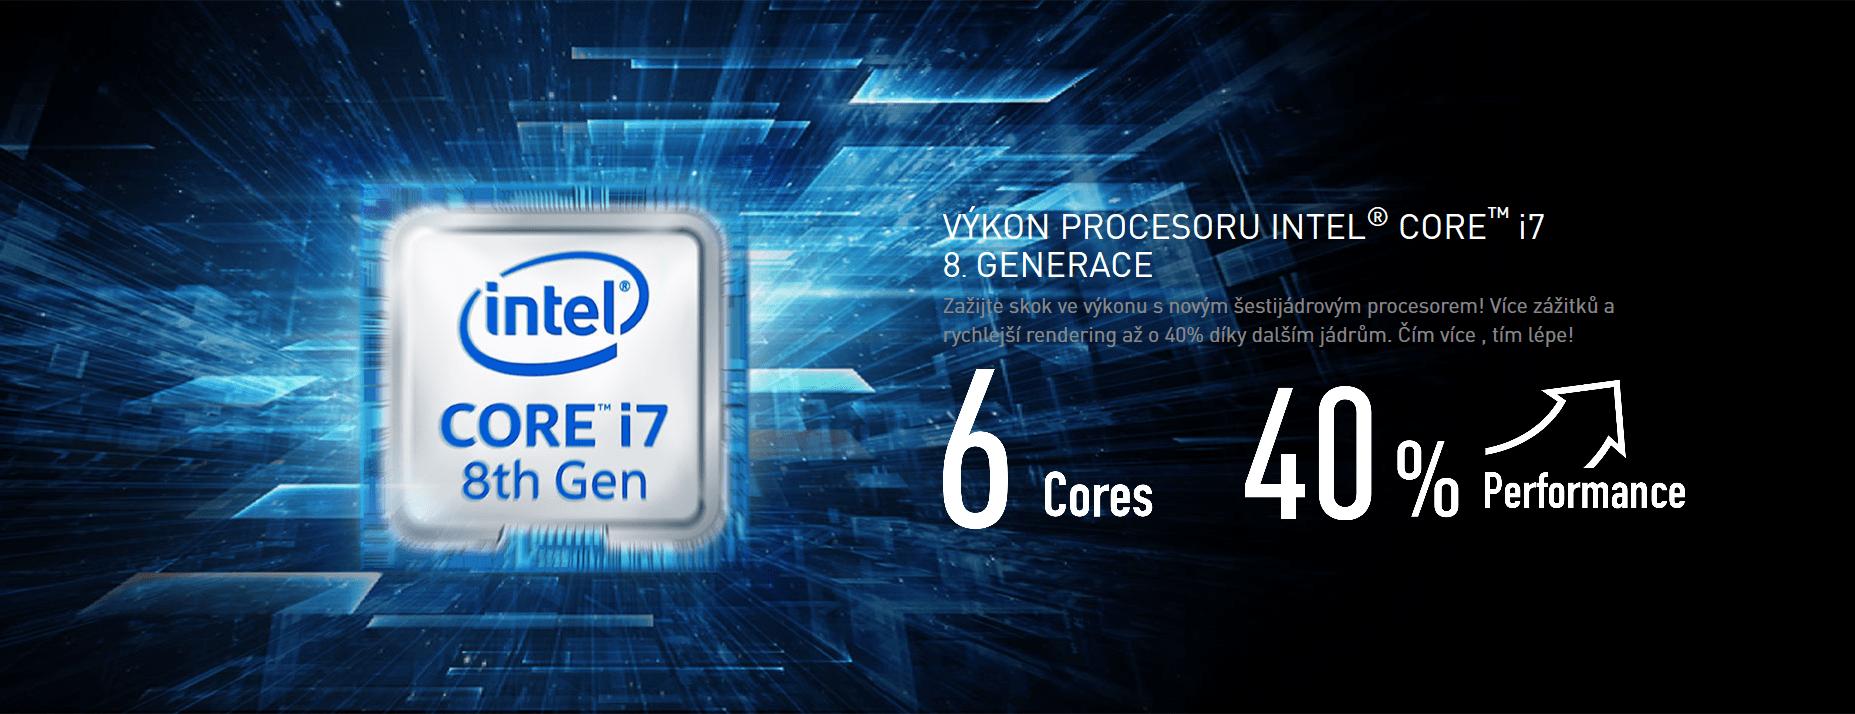 Poslední verze NVIDIA grafik GeForce® GTX 1060 spolu s MSI notebooky vás ohromí svým výkonem a možnostmi